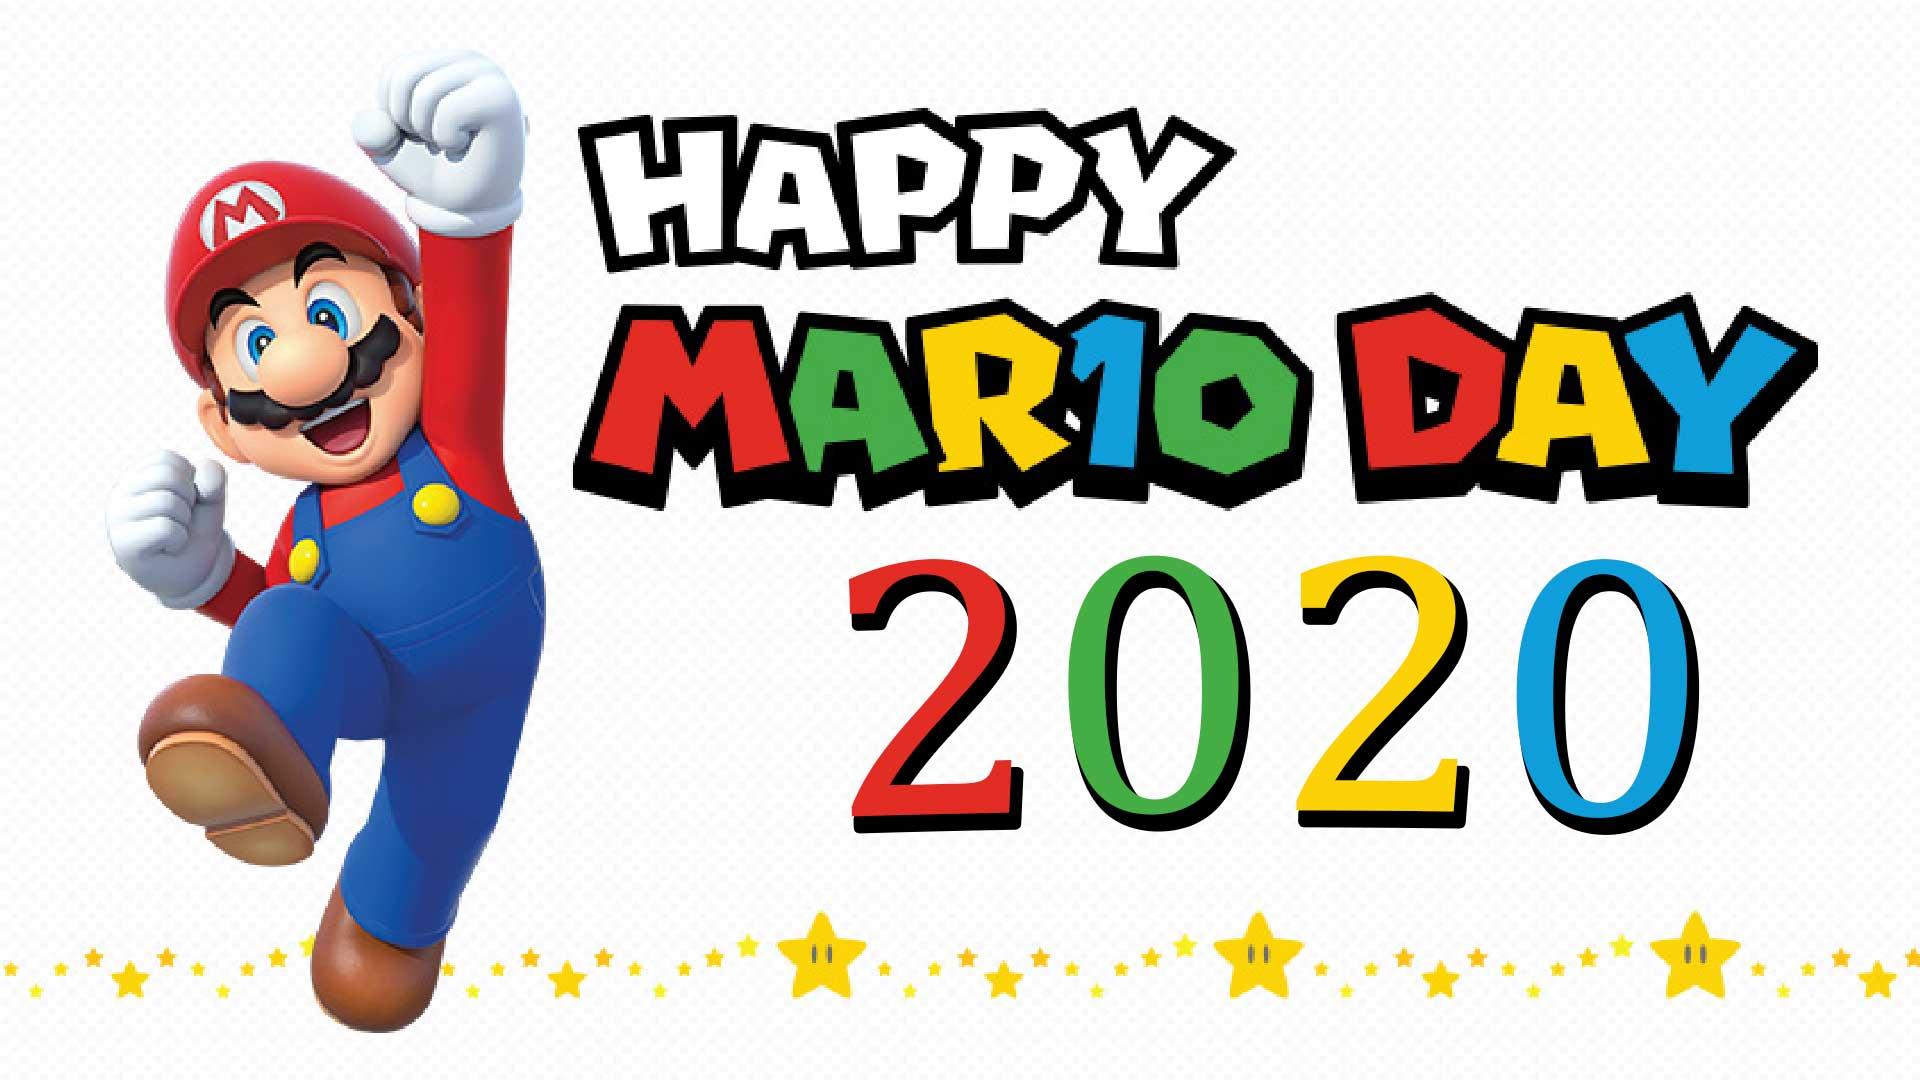 happy mar10 day mariotag mario day 2020